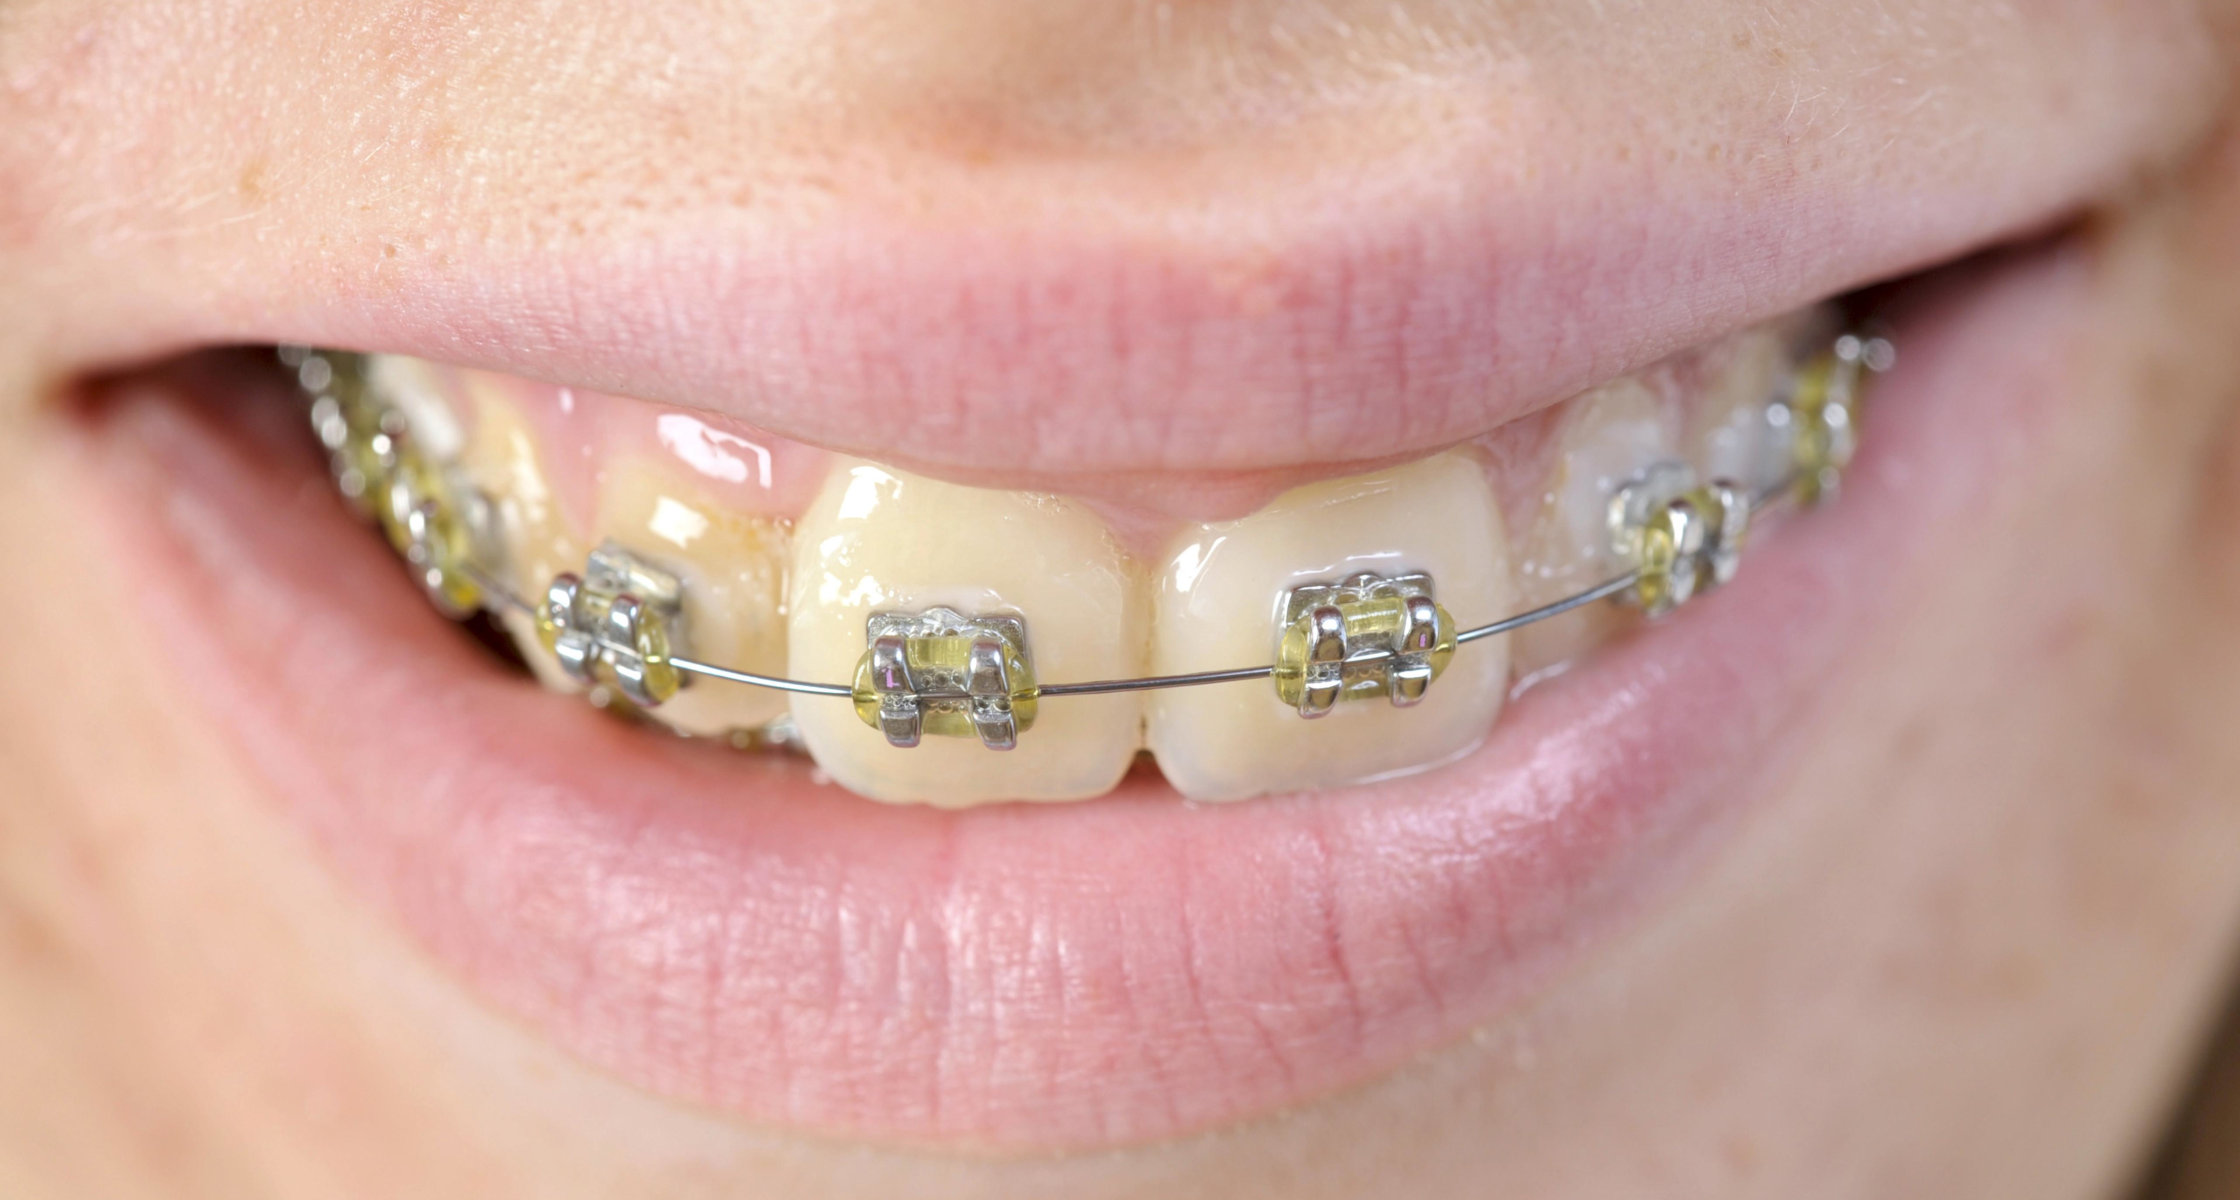 Aus mit zahnspange wie sehe ich Zahnspange: Das